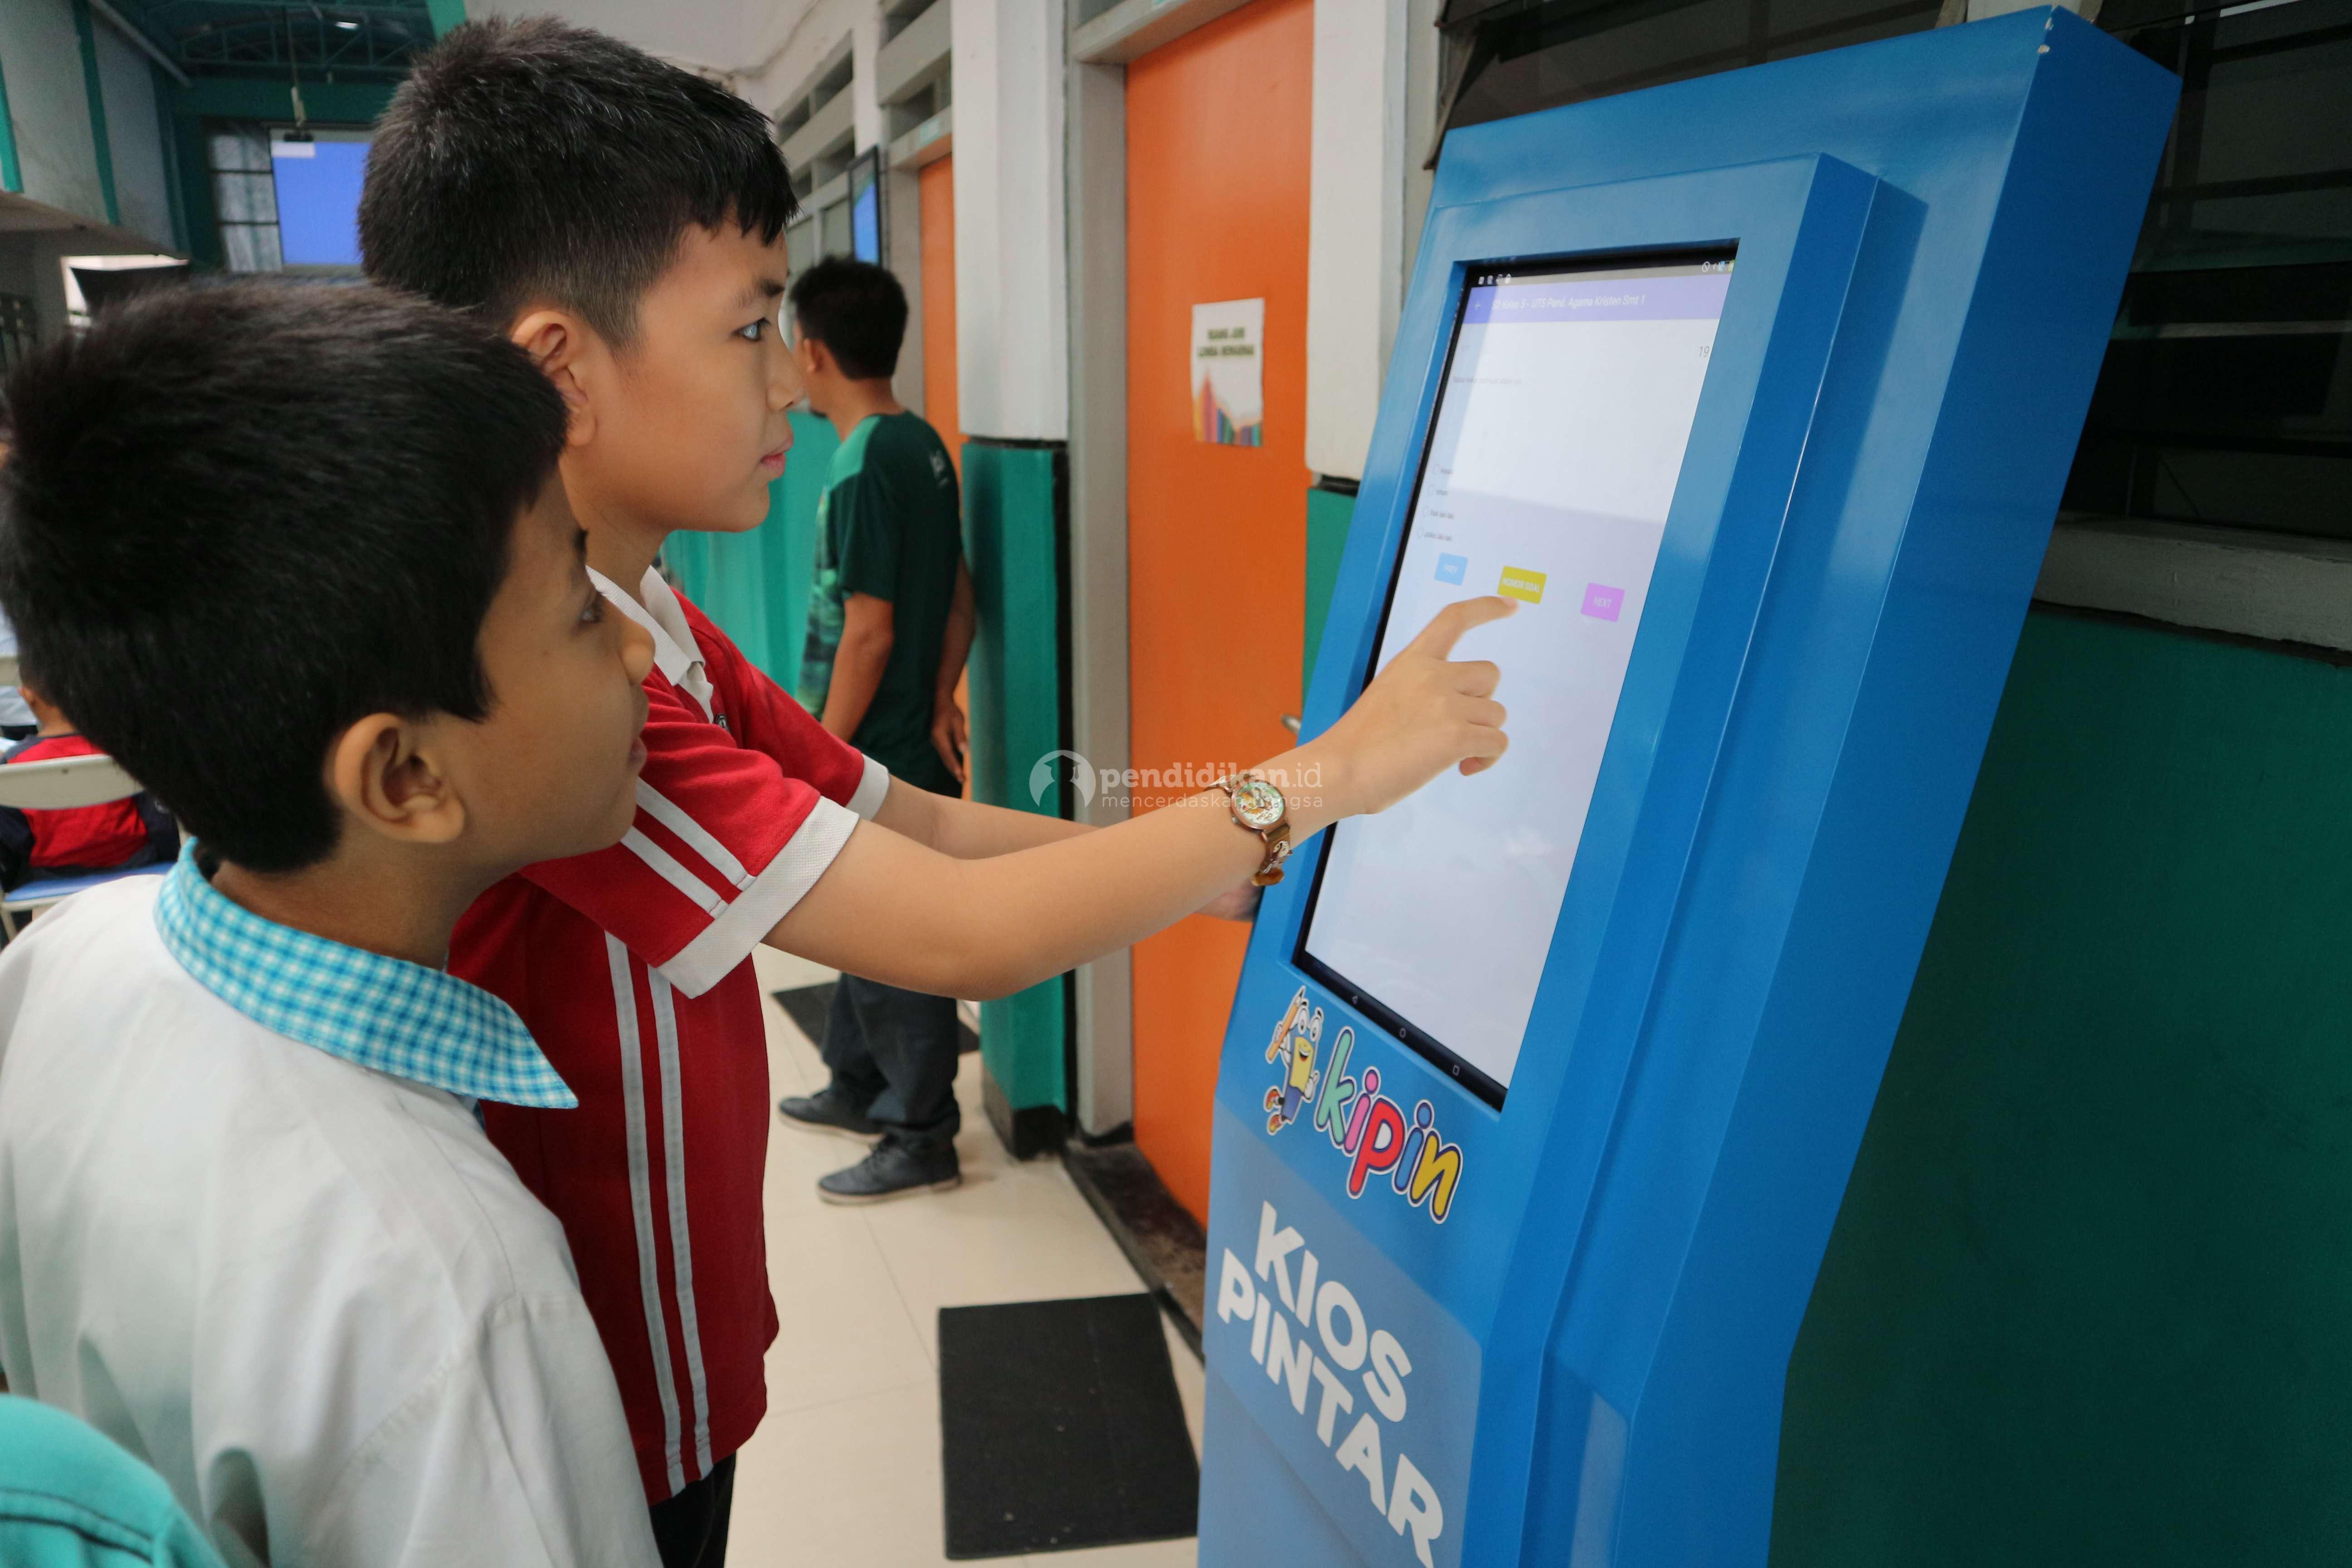 educational technology. edtech, digitalisasi pendidikan